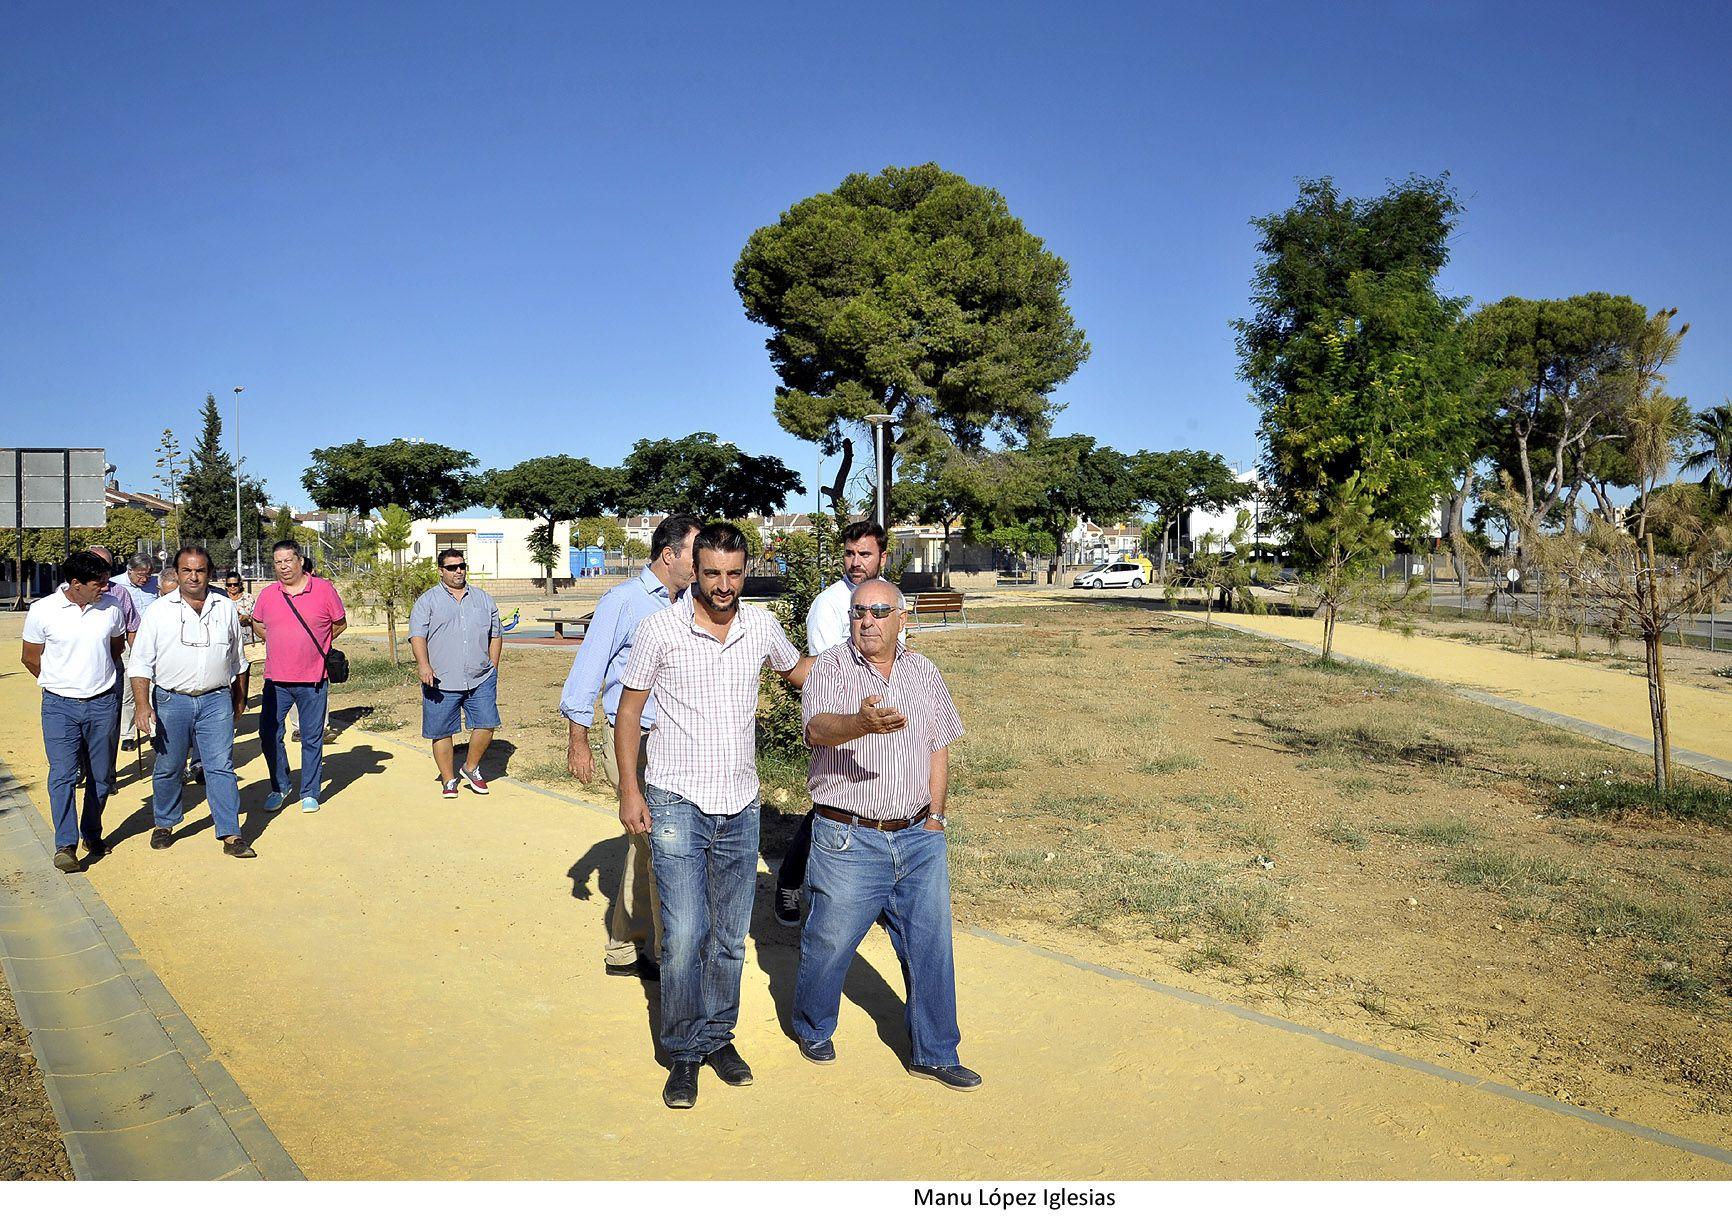 Fco Camas y Jose Antonio Diaz visitan Parque La Marquesa _ 02